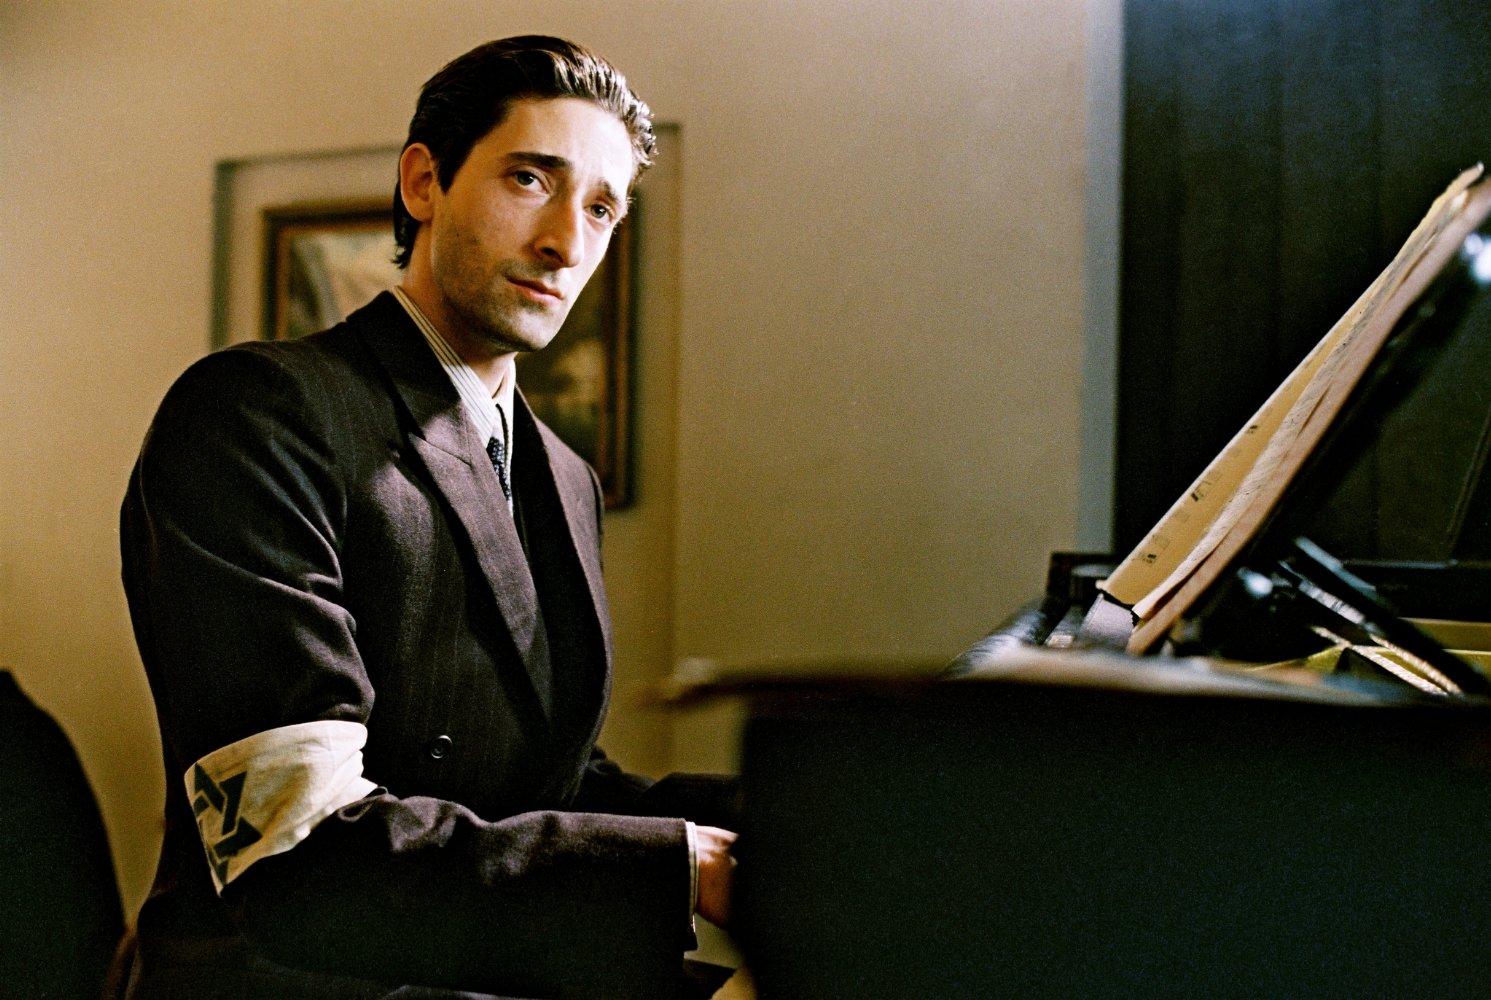 Чтобы сыграть польско-еврейского музыканта, Эдриен Броуди, актёр похудел на 15 килограммов всего за один месяц